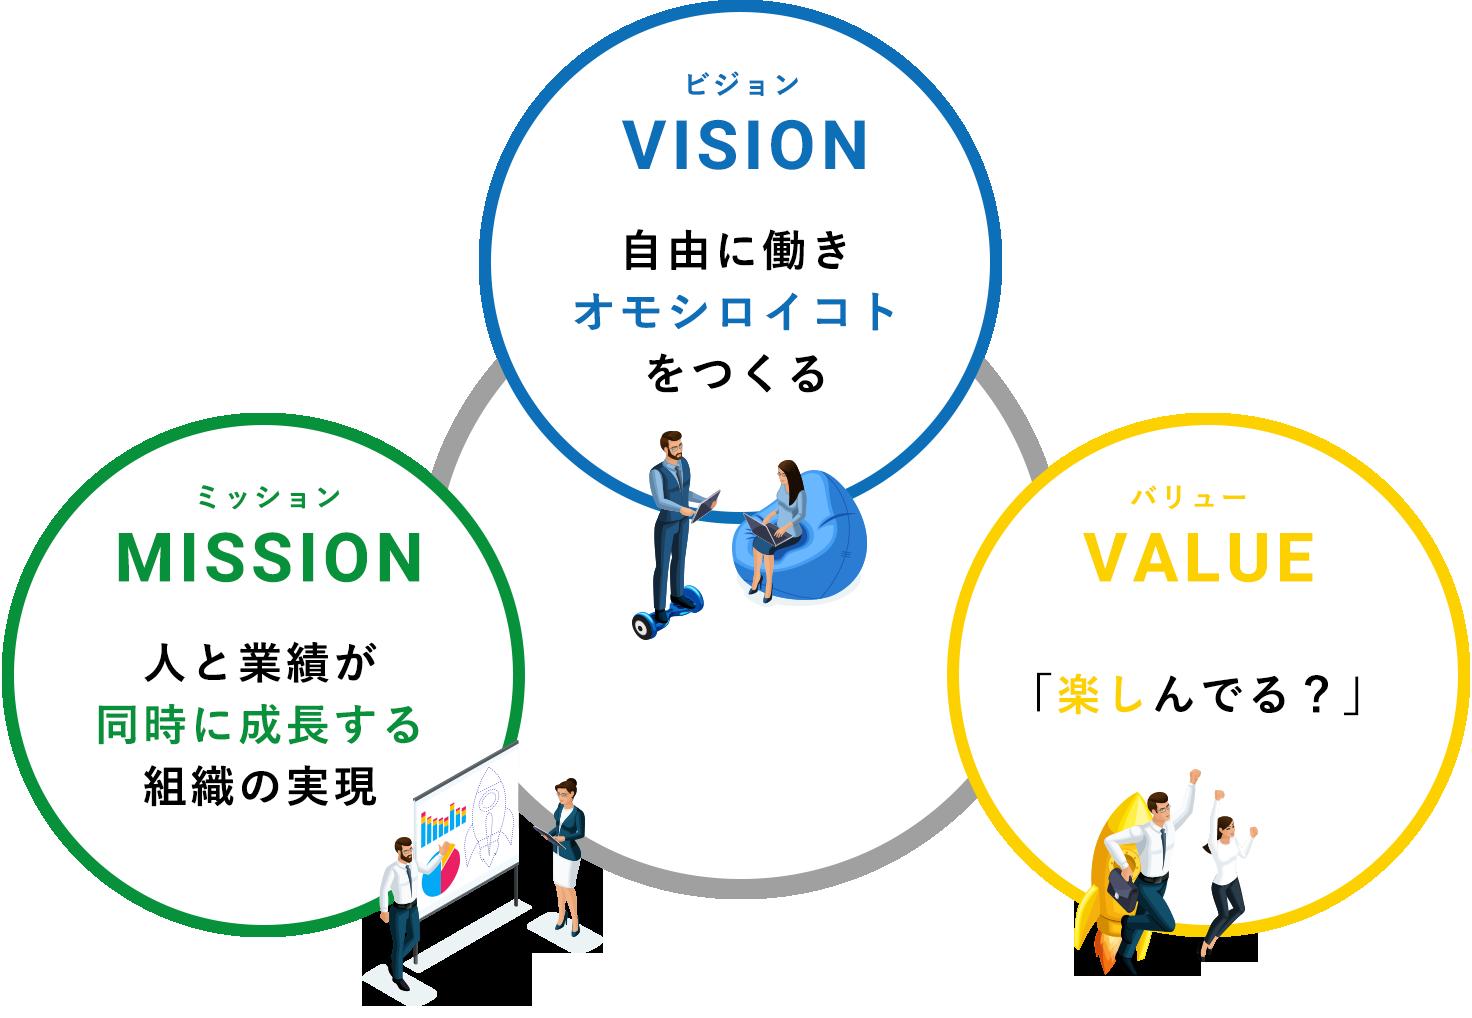 ビジョン「自由に働きオモシロイコトをつくる」ミッション「人と業績が同時に成長する組織の実現」バリュー「楽しんでる?」